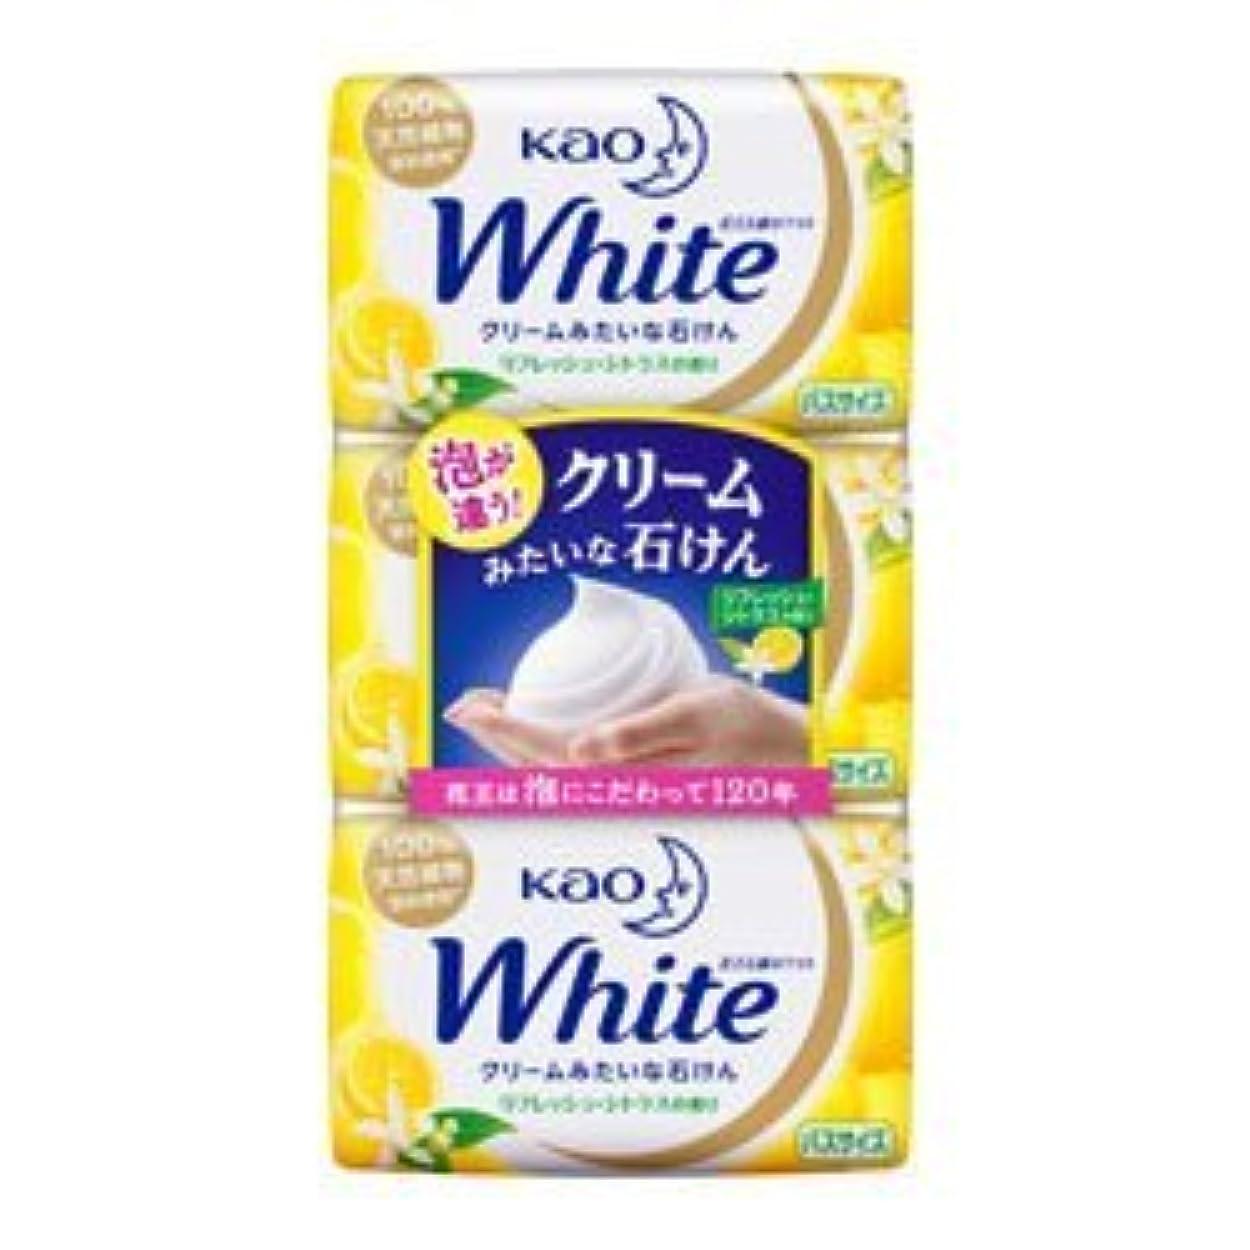 手荷物バトル正しい【花王】ホワイト リフレッシュ?シトラスの香り バスサイズ 130g×3個入 ×3個セット